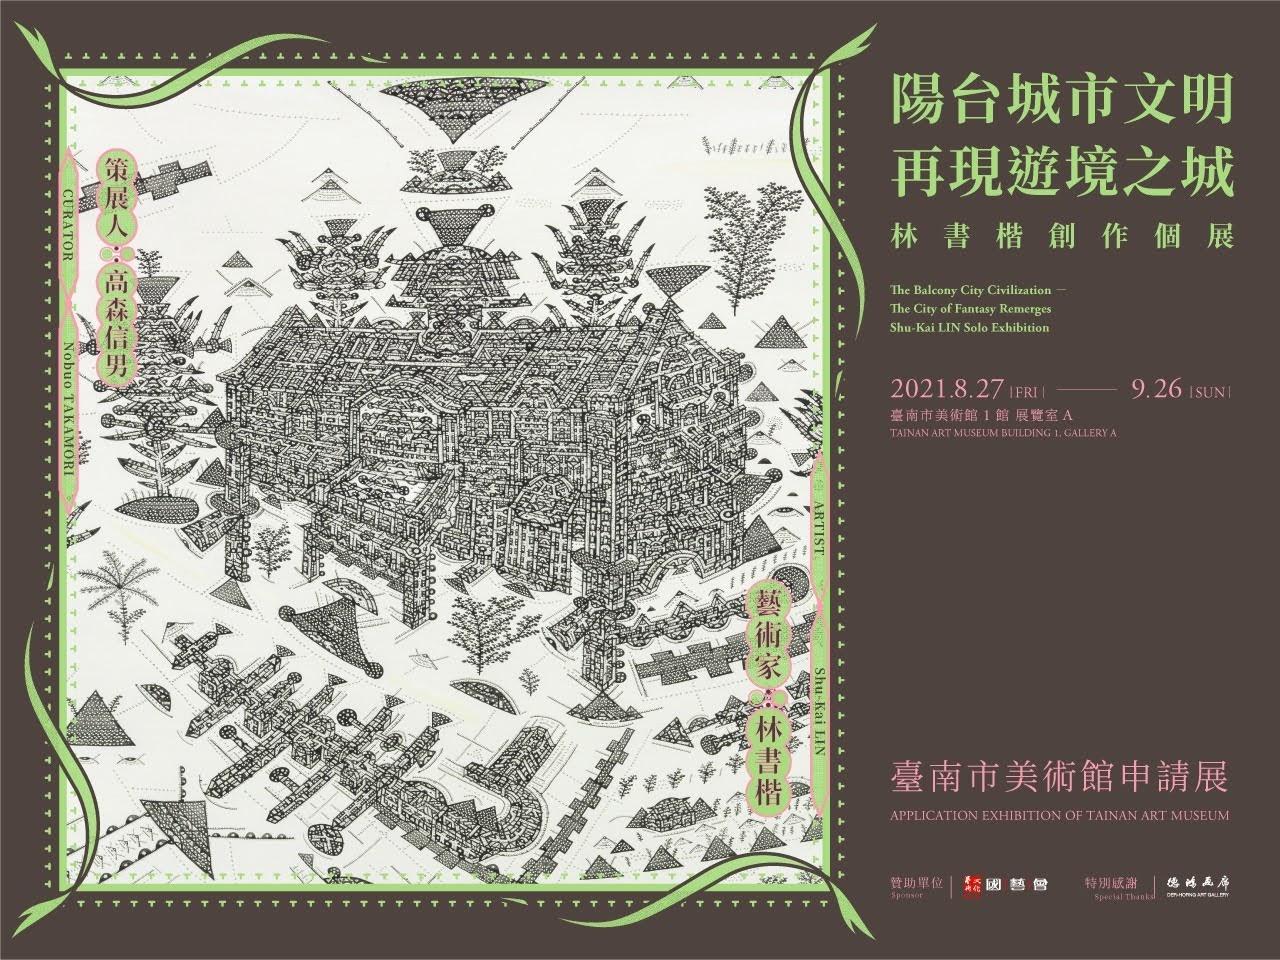 陽台城市文明 再現遊境之城 活動